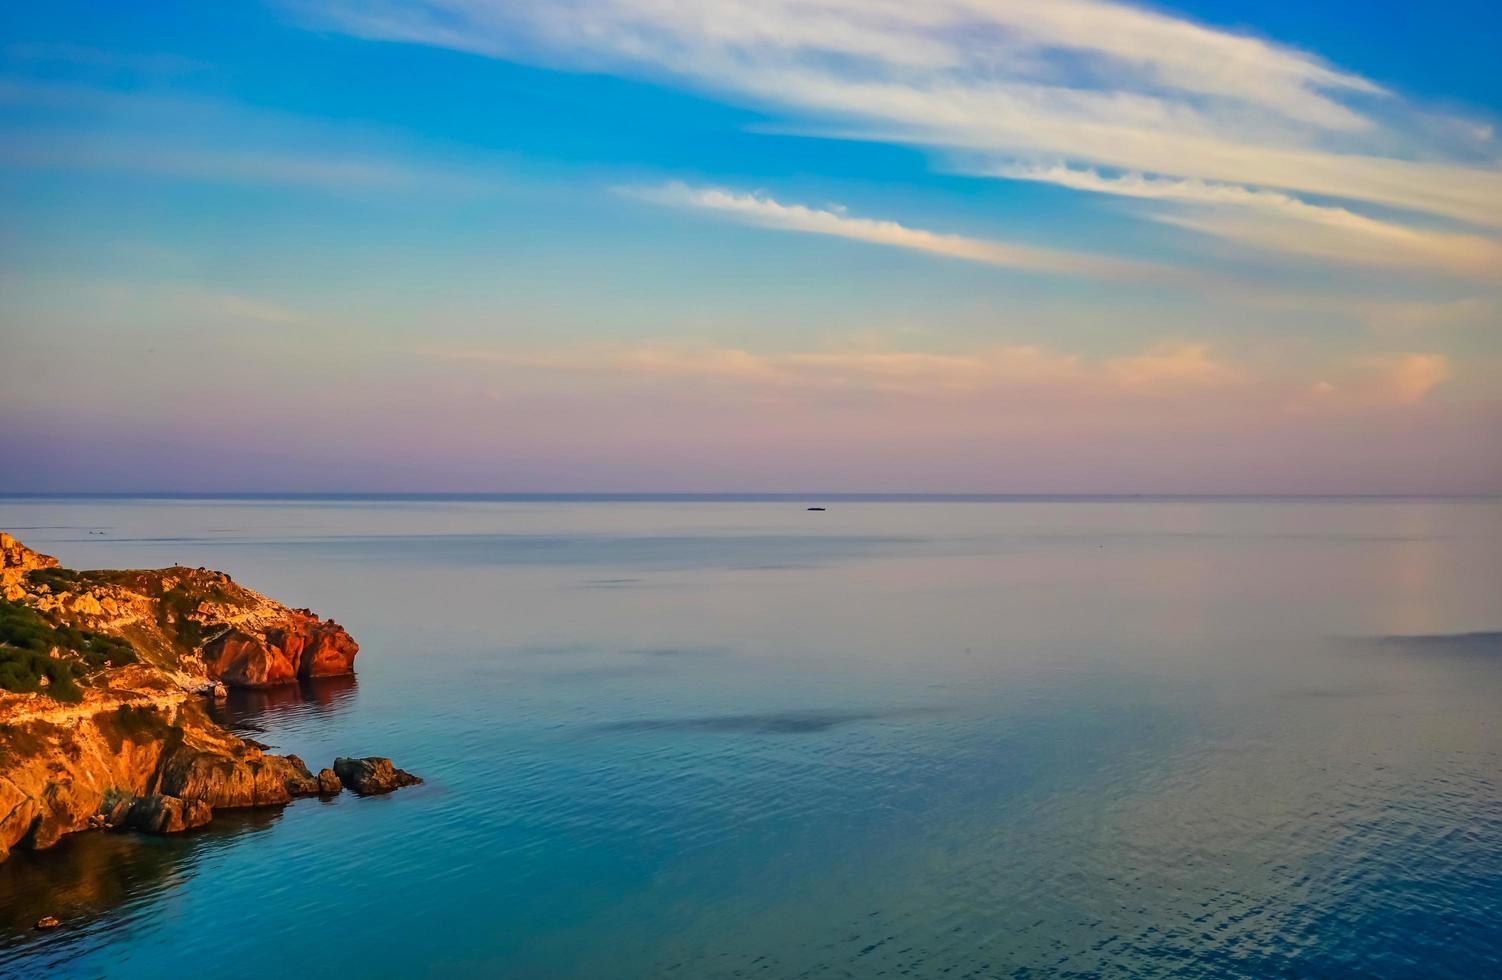 paesaggio marino di una costa rocciosa da un corpo d'acqua con un colorato cielo nuvoloso foto